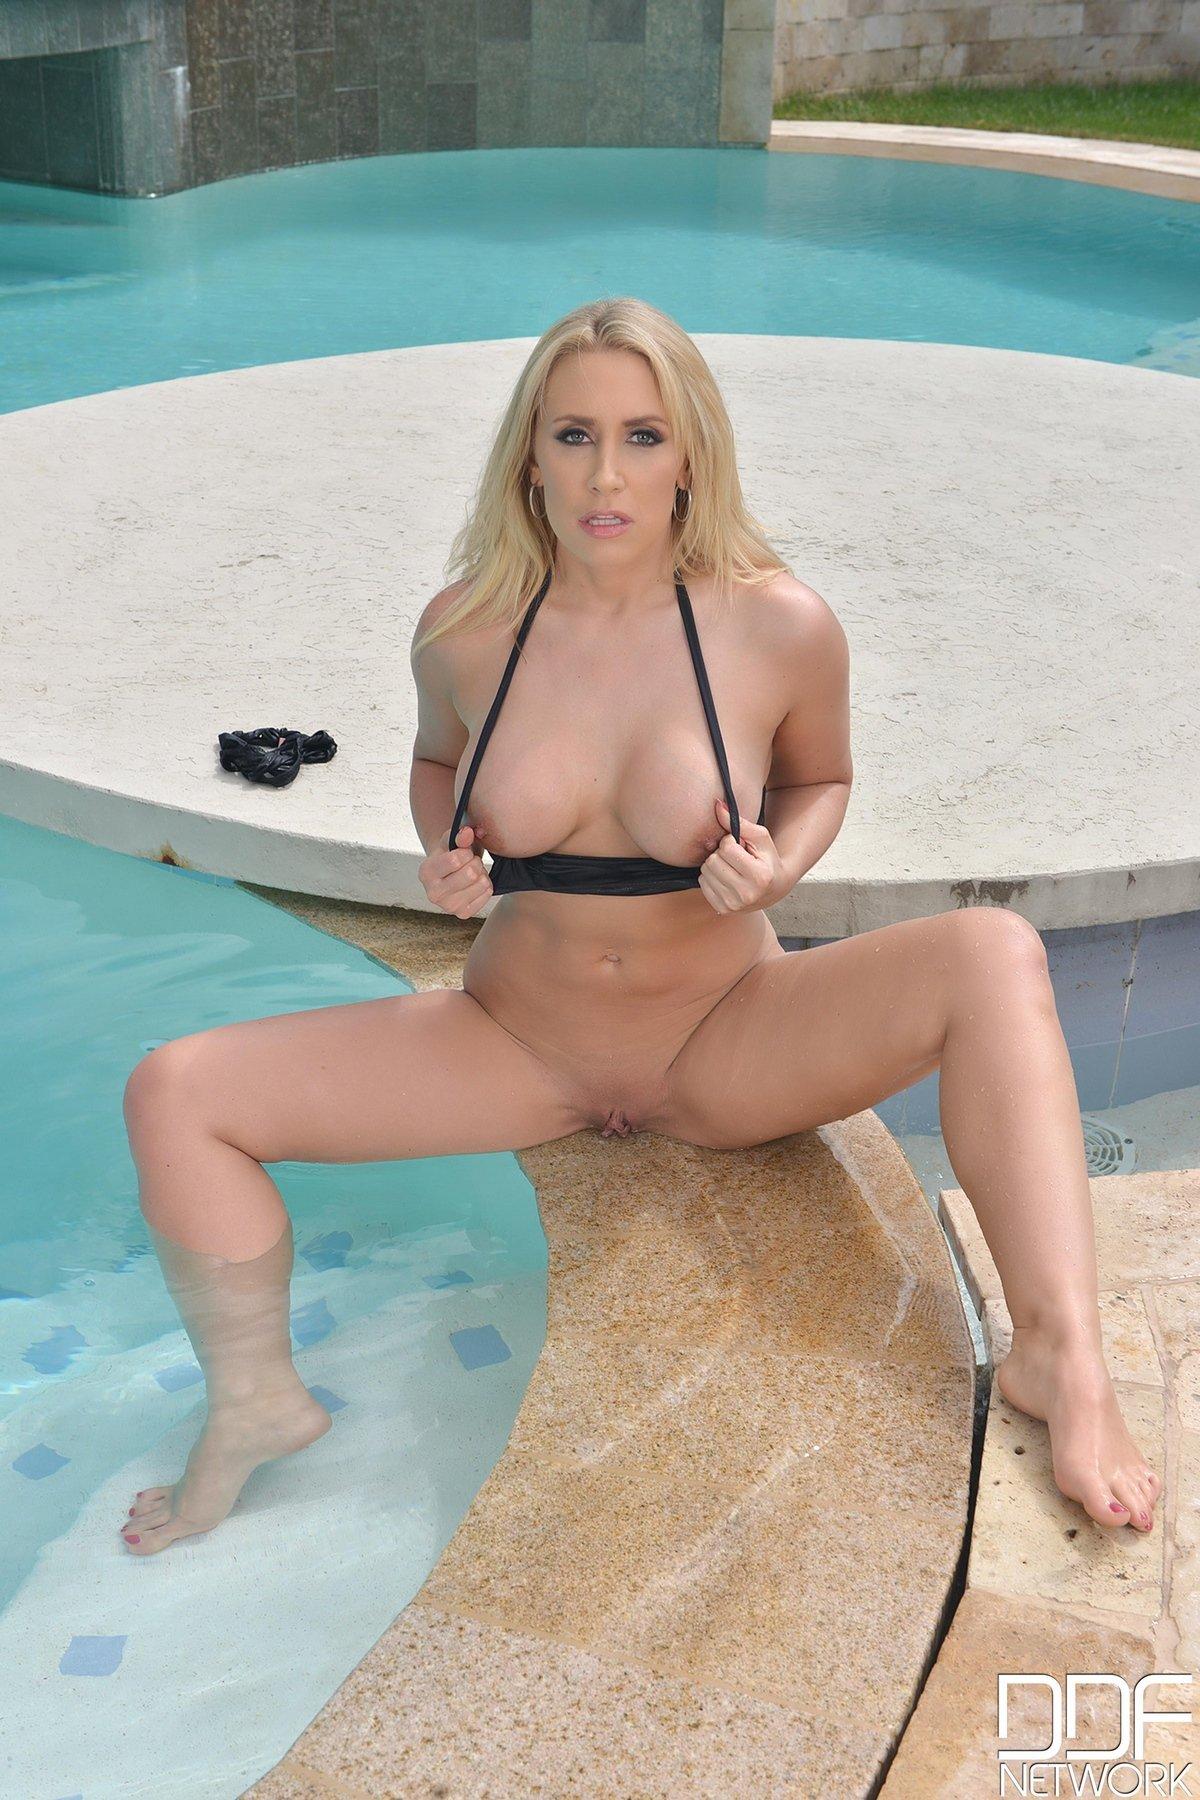 Блондиночка с привлекательнй фигуркой купается в бассейне